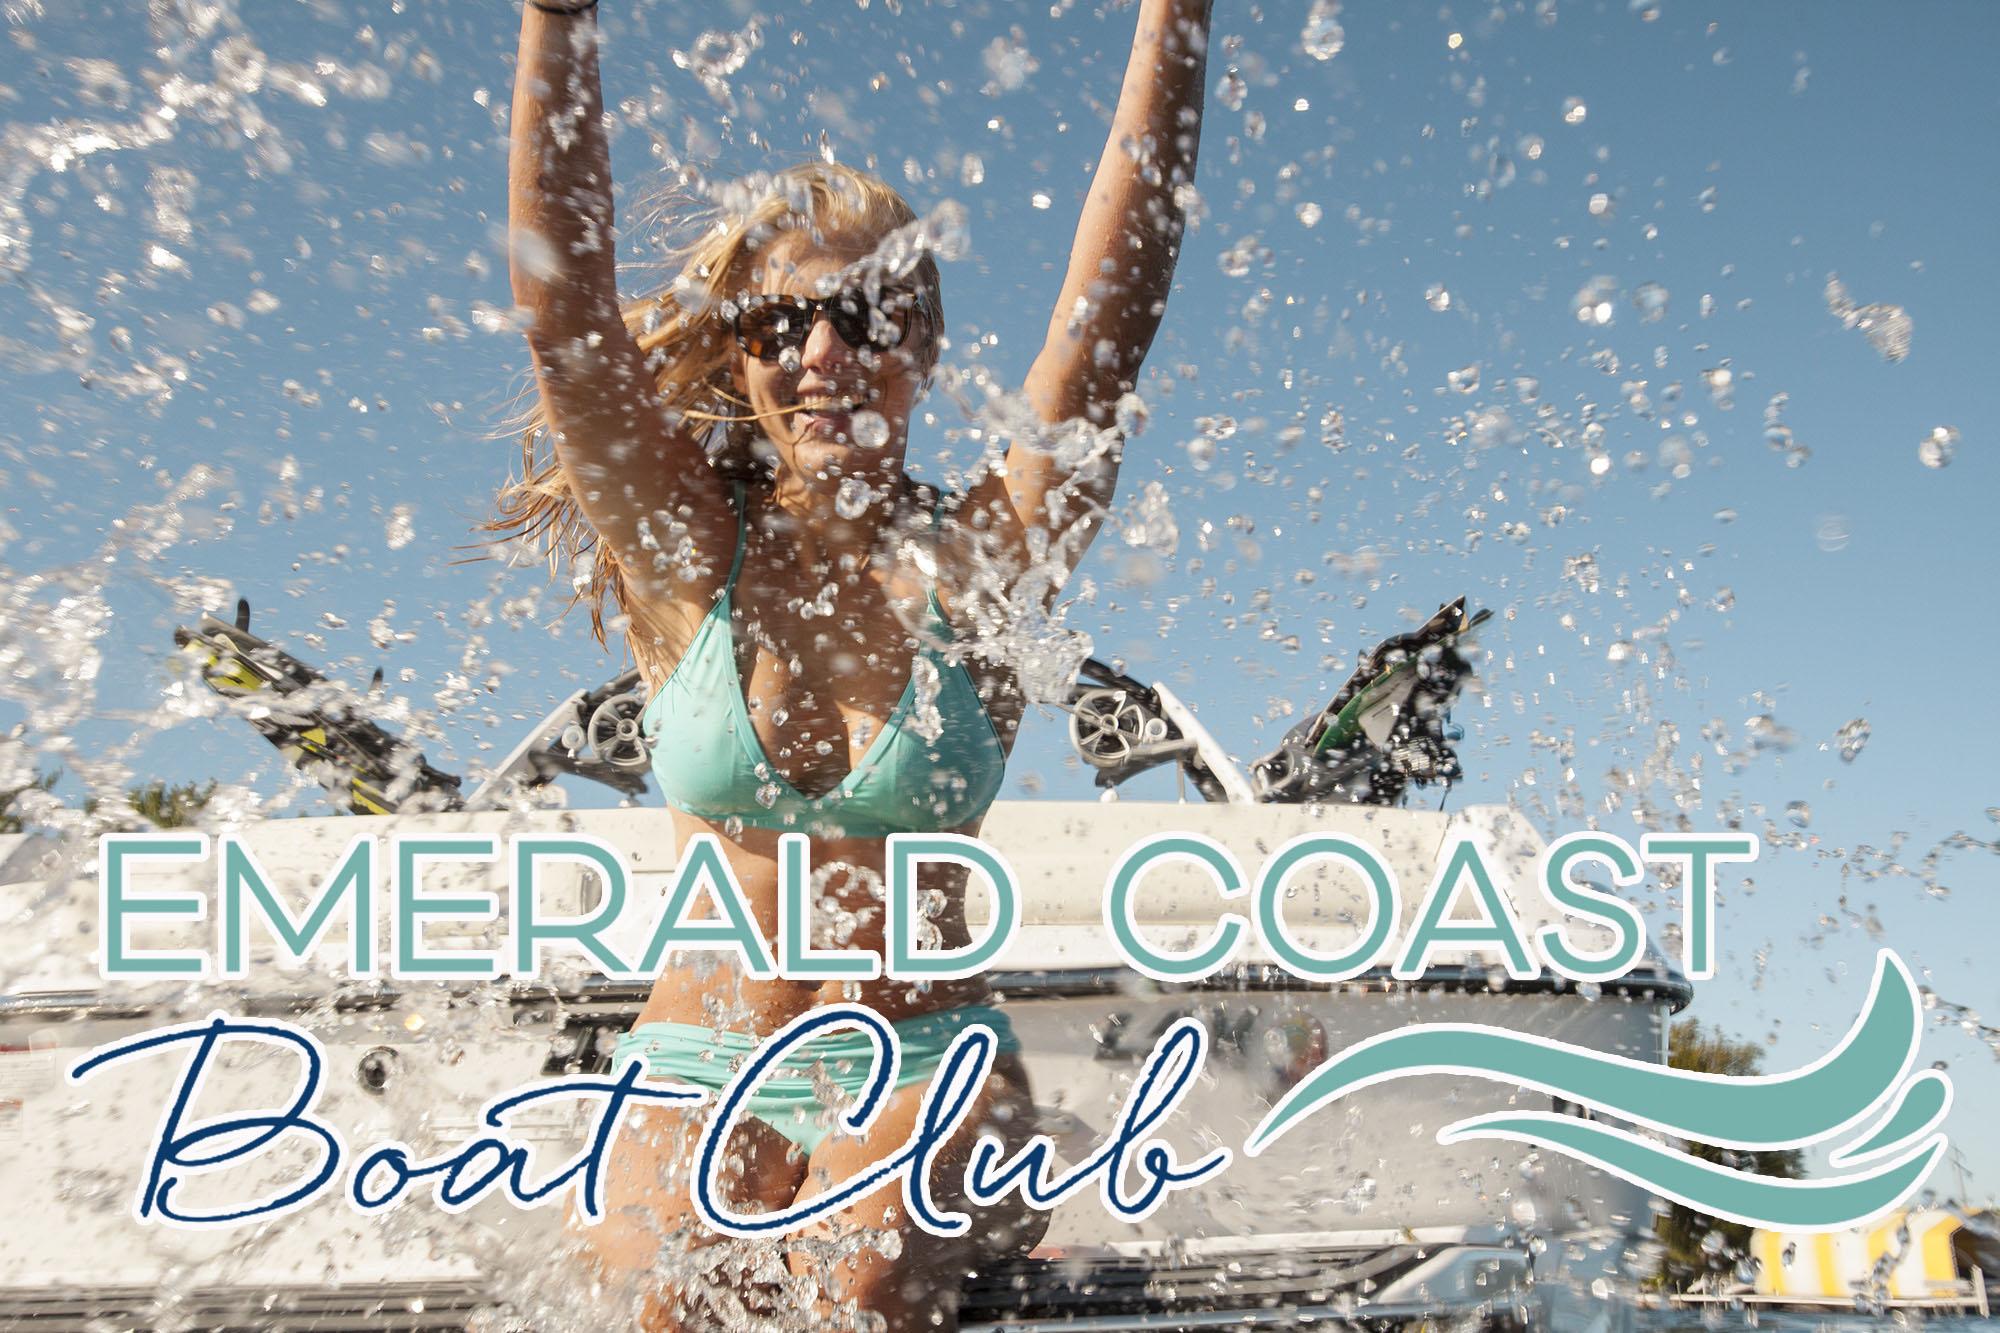 boat club blog